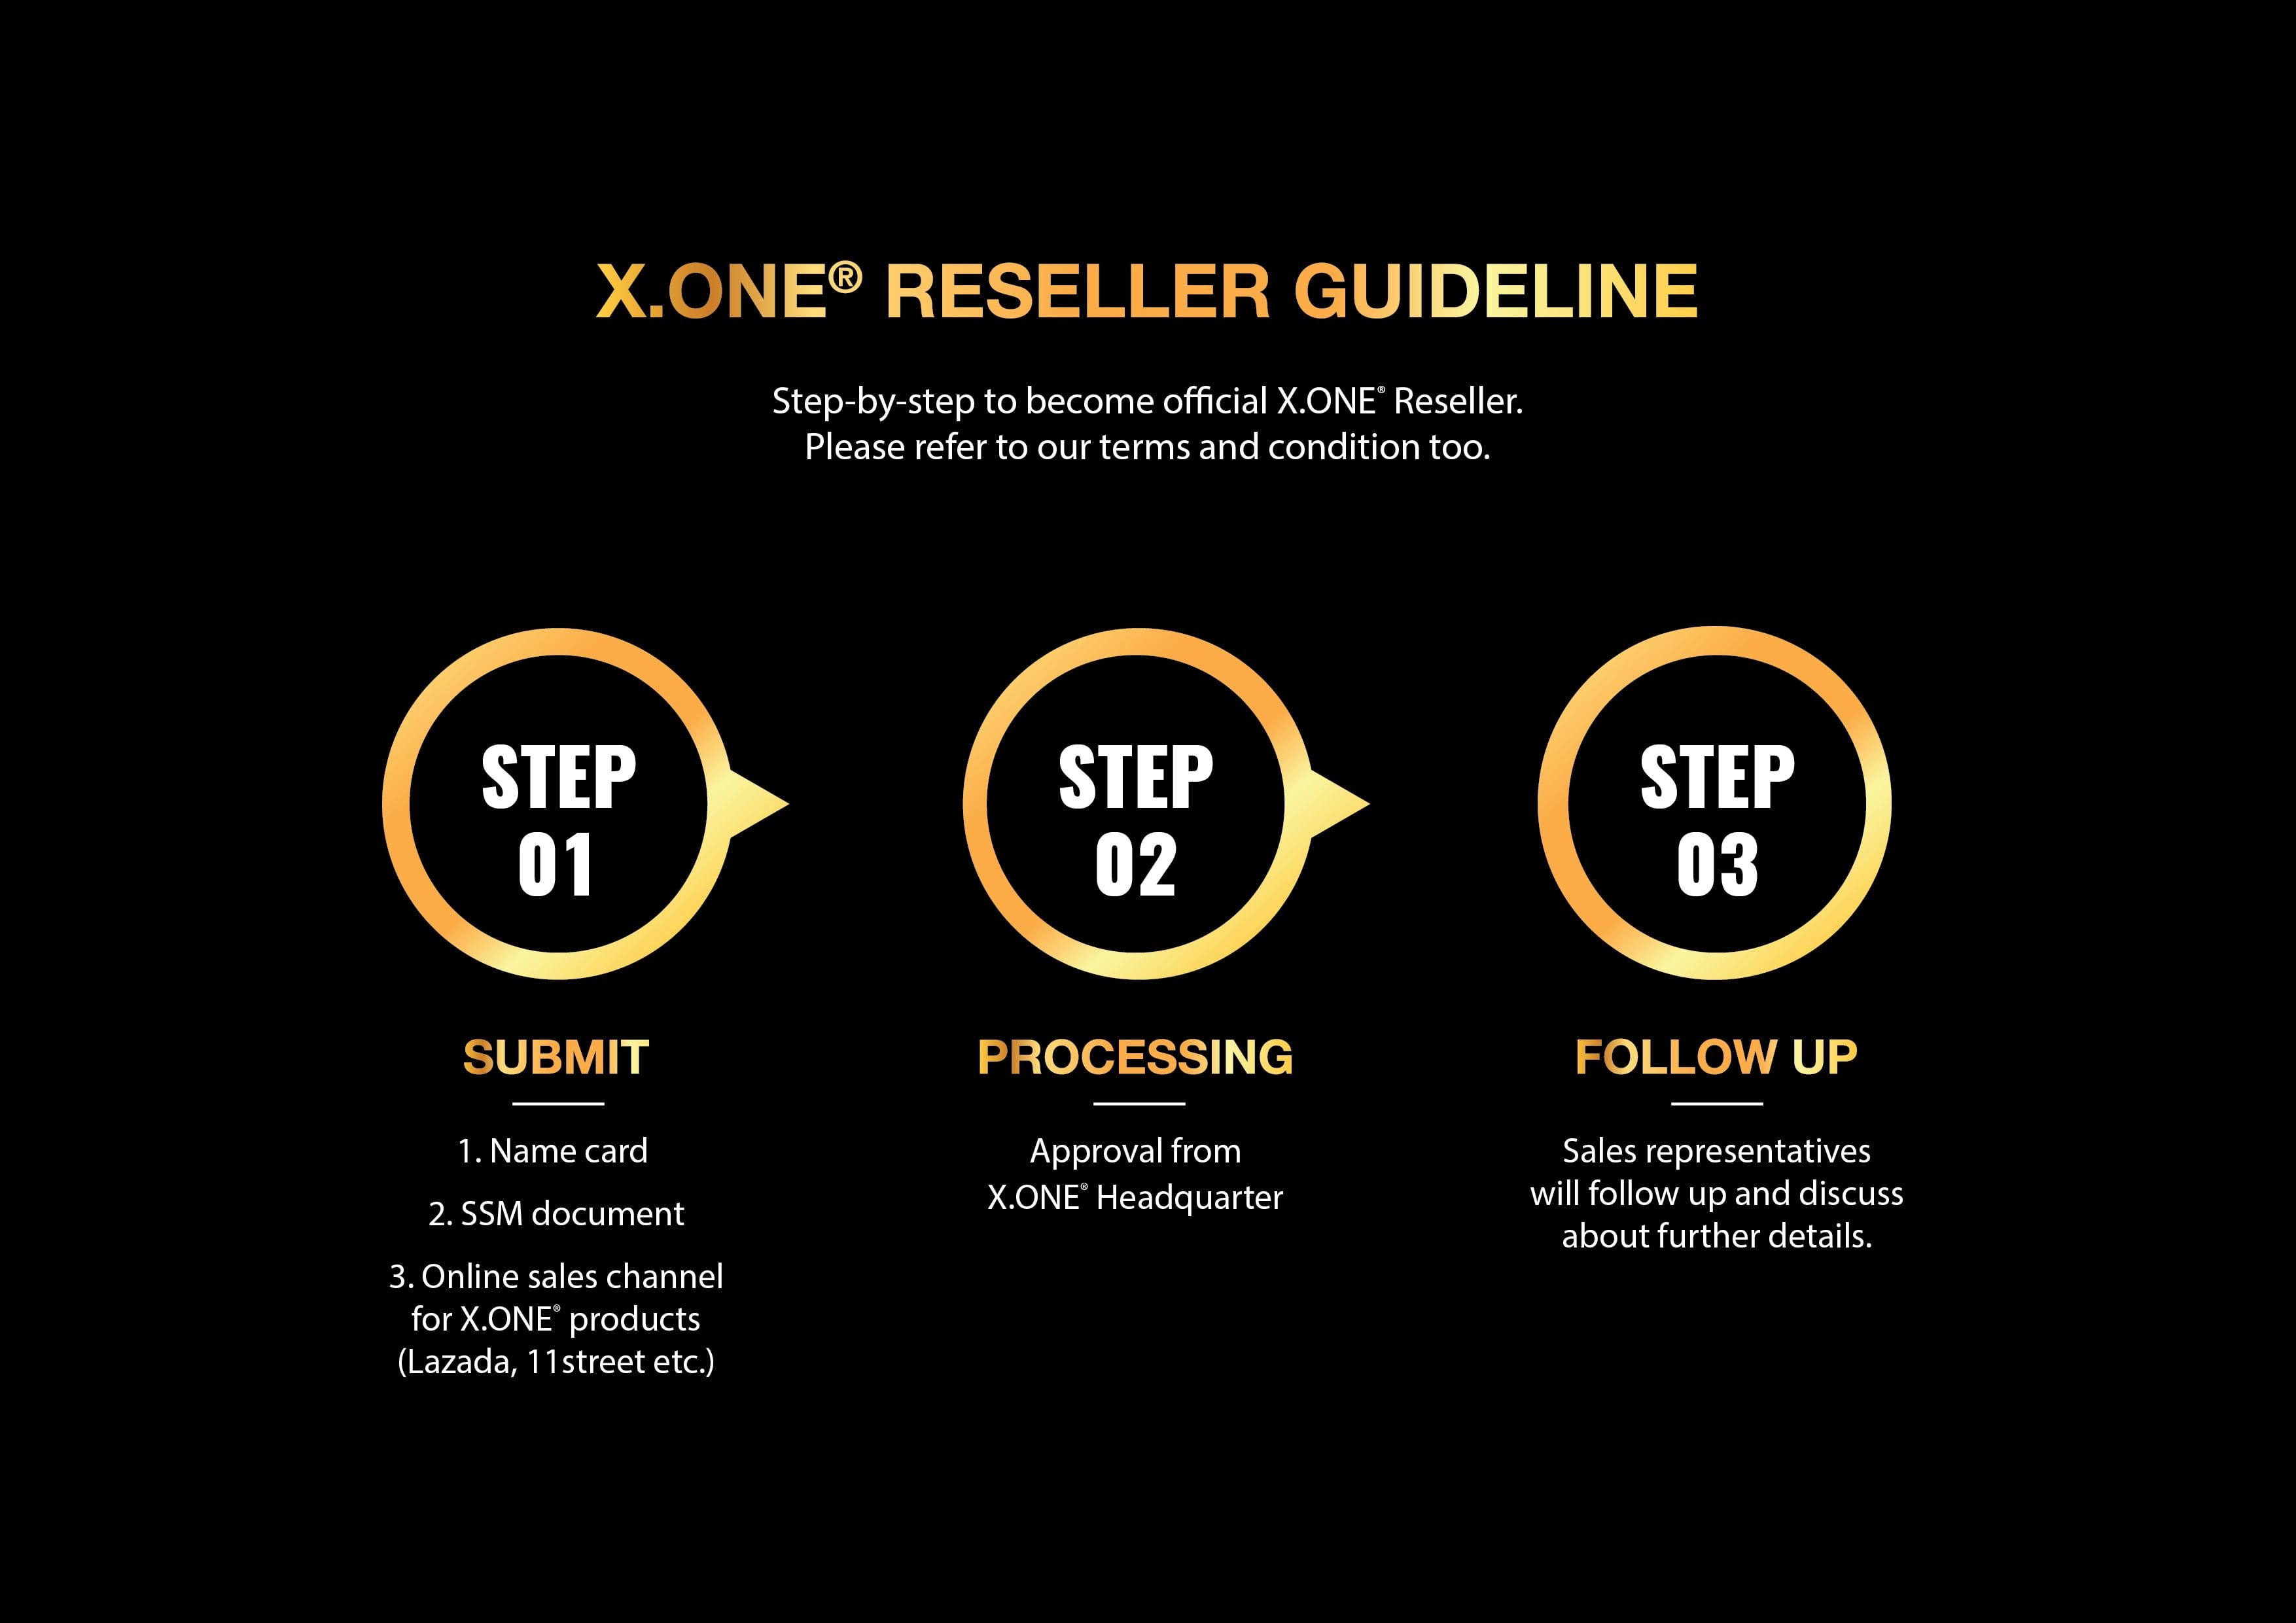 XONE Reseller Guideline TC 02